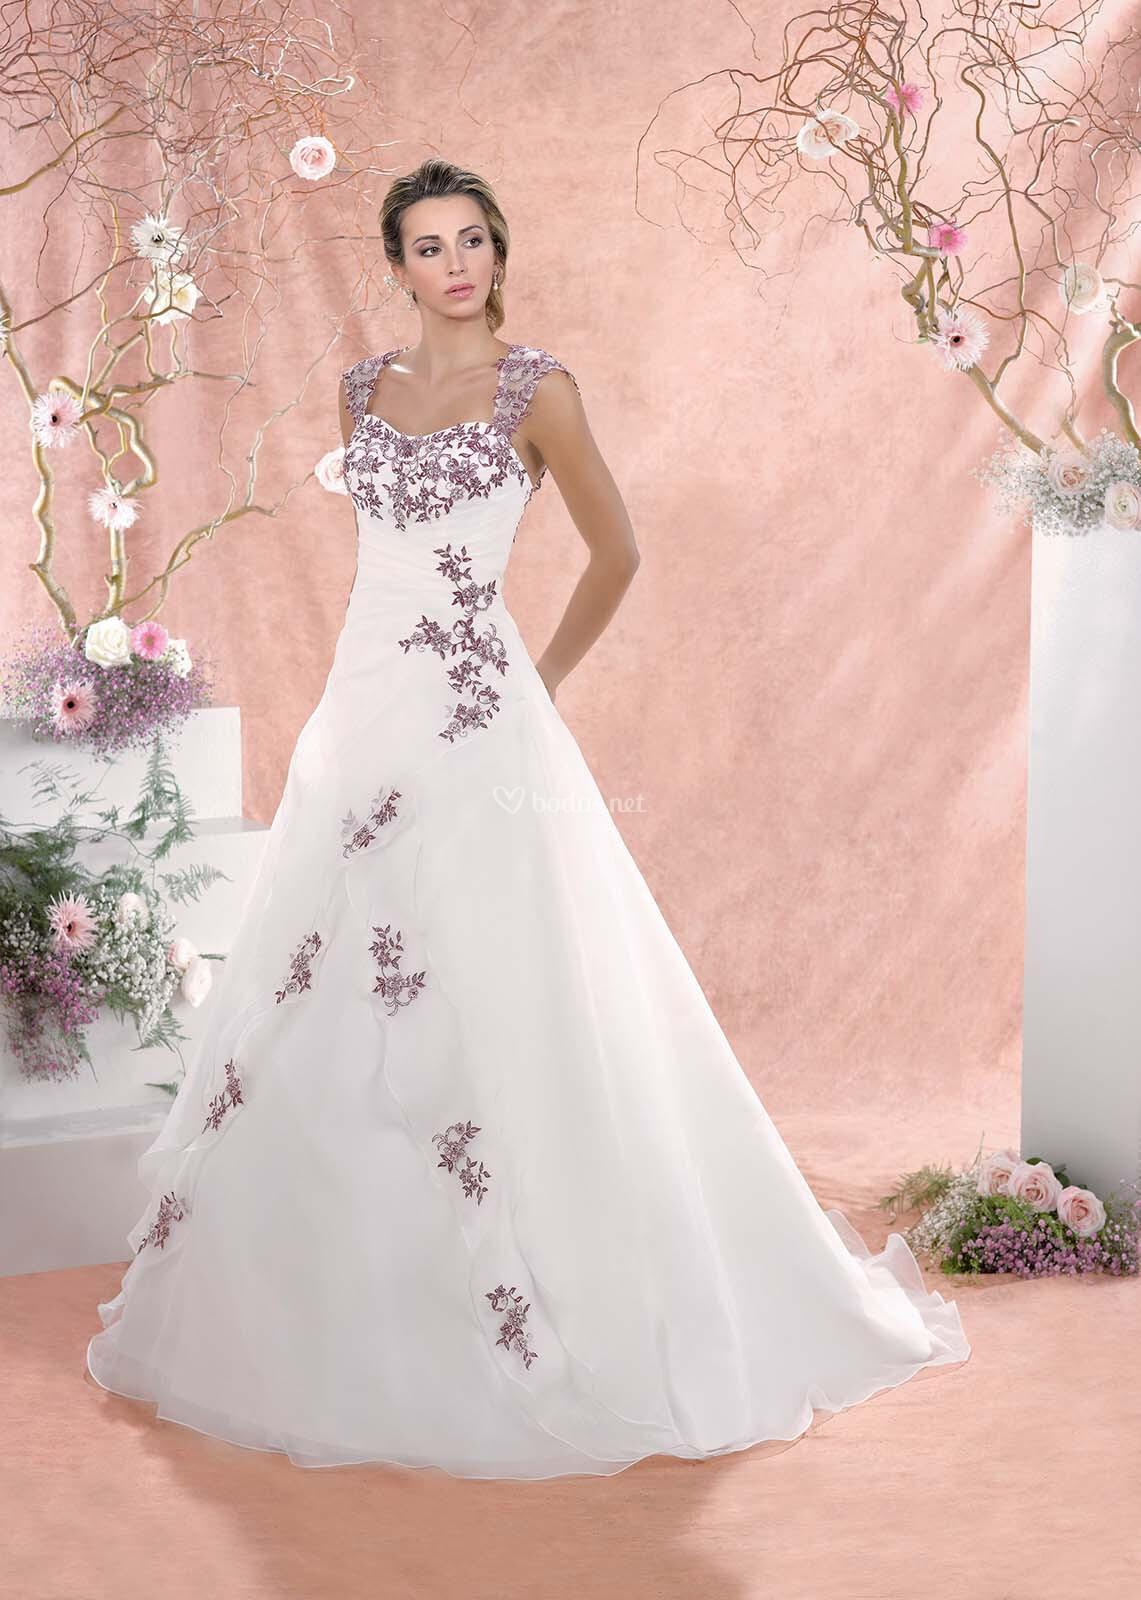 Luxury Vestido Novia Crepusculo Composition - Wedding Dress Ideas ...